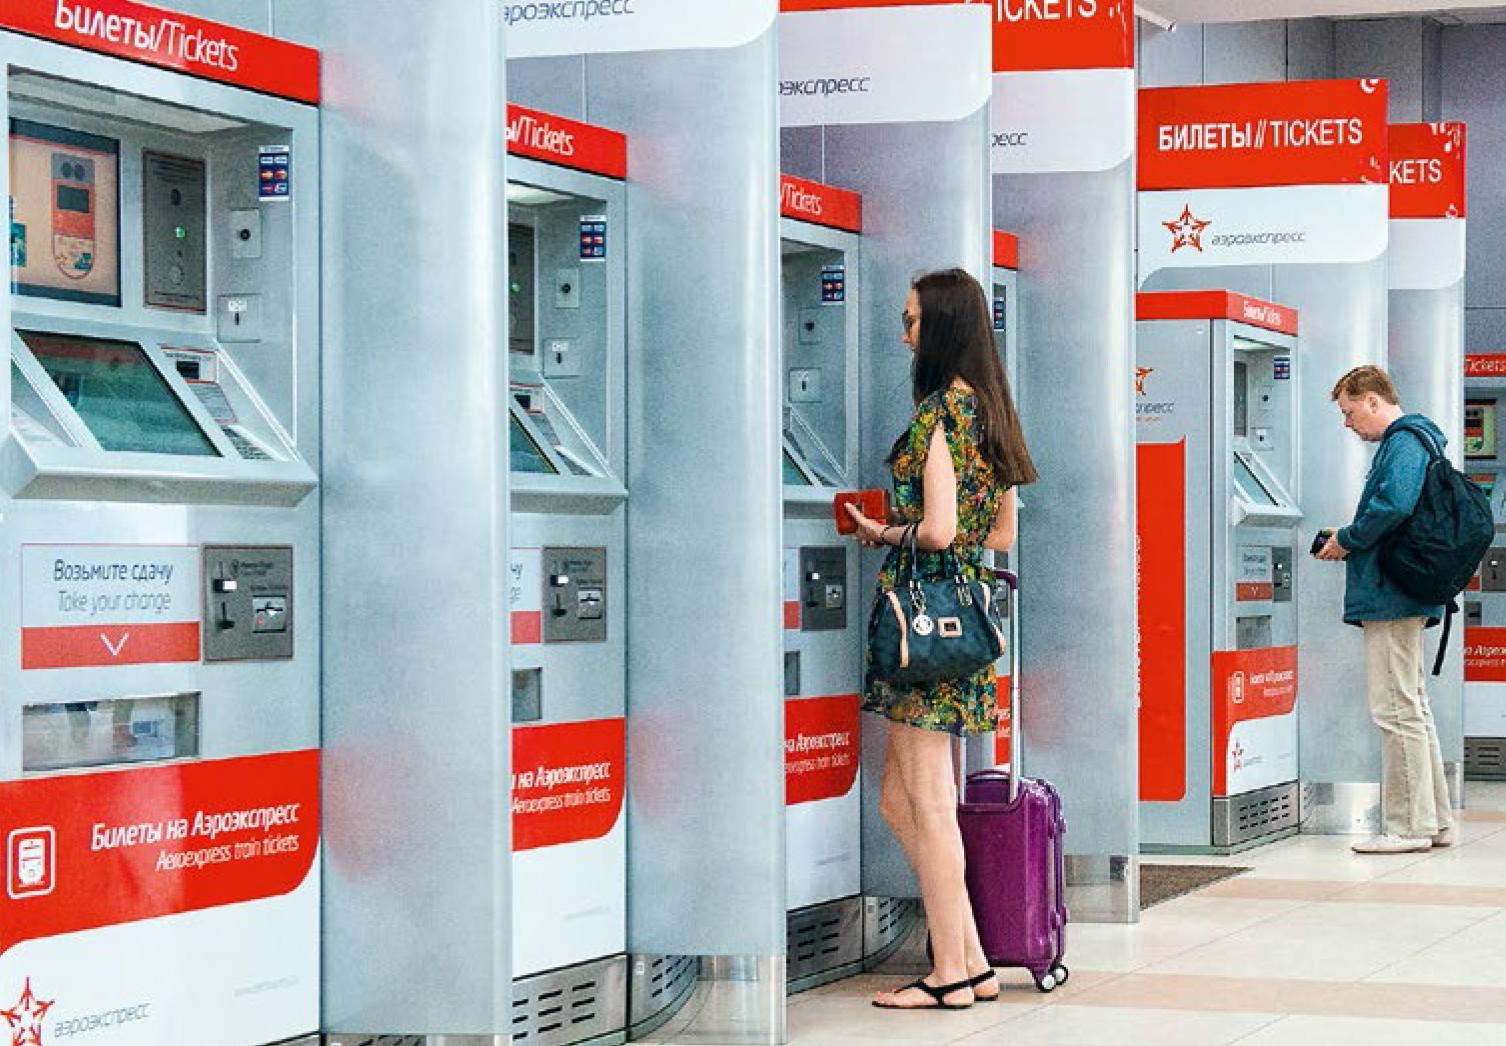 aeroexpress ticket machine